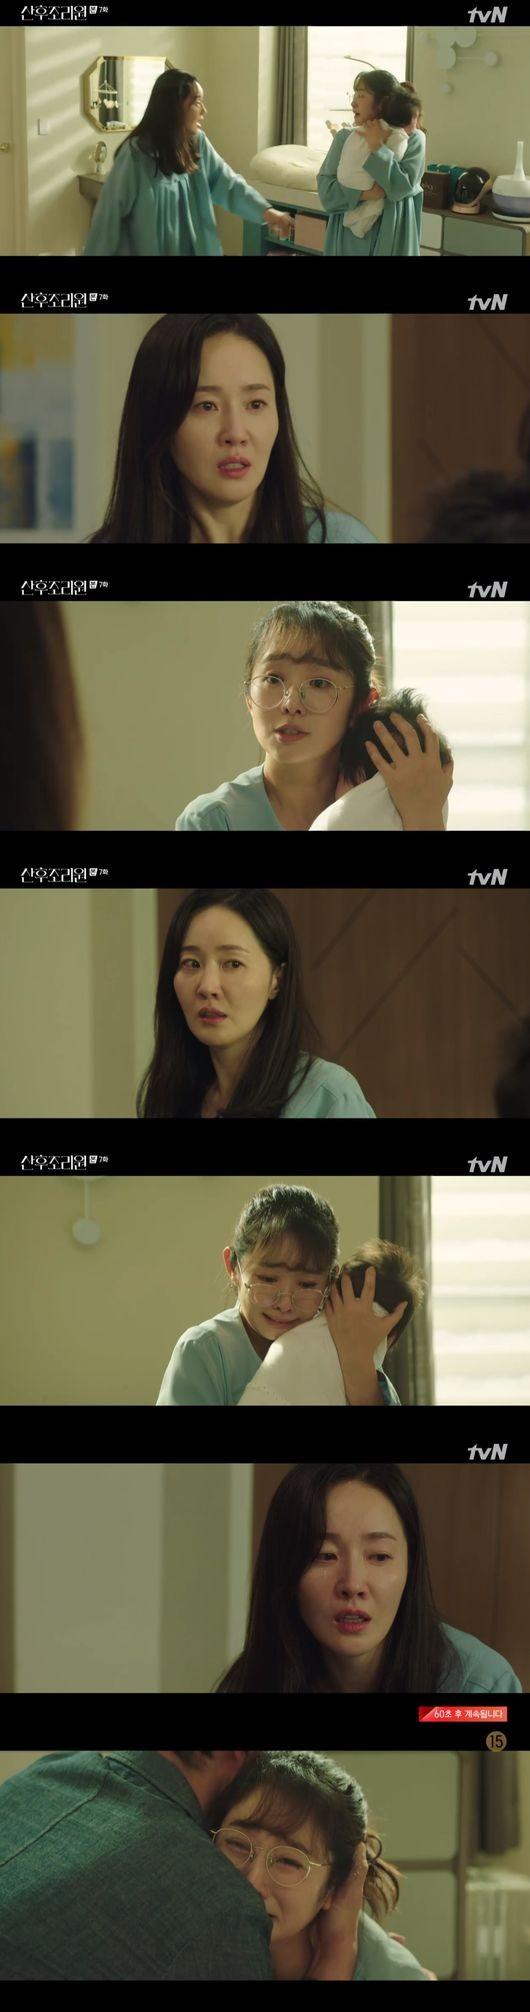 드라마 '산후조리원' 딱풀이 미스터리의 비밀이 풀렸다. /사진=tvN 방송캡처